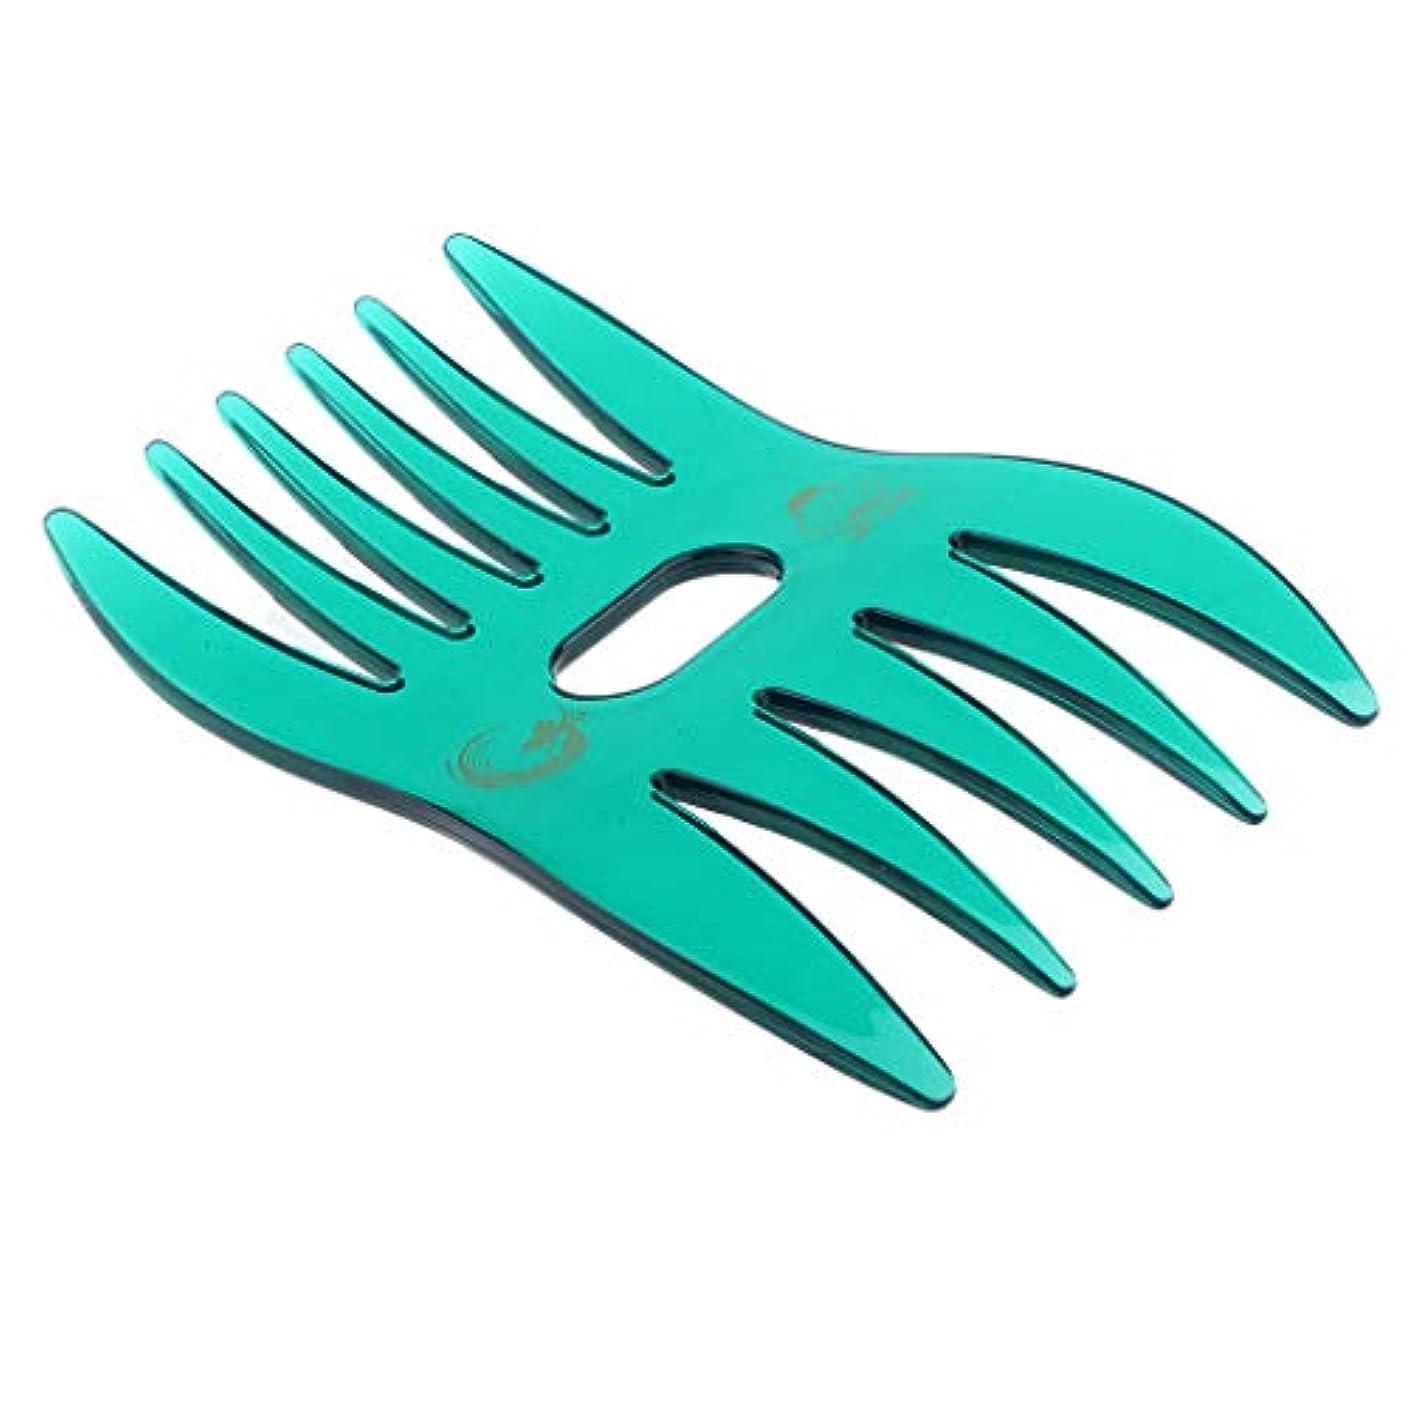 ゴージャスホステス無駄だB Baosity ヘアコーム ヘアブラシ デュアルサイド櫛 ワイド 細かい歯 ヘアサロン 自宅用 4色選べ - 緑